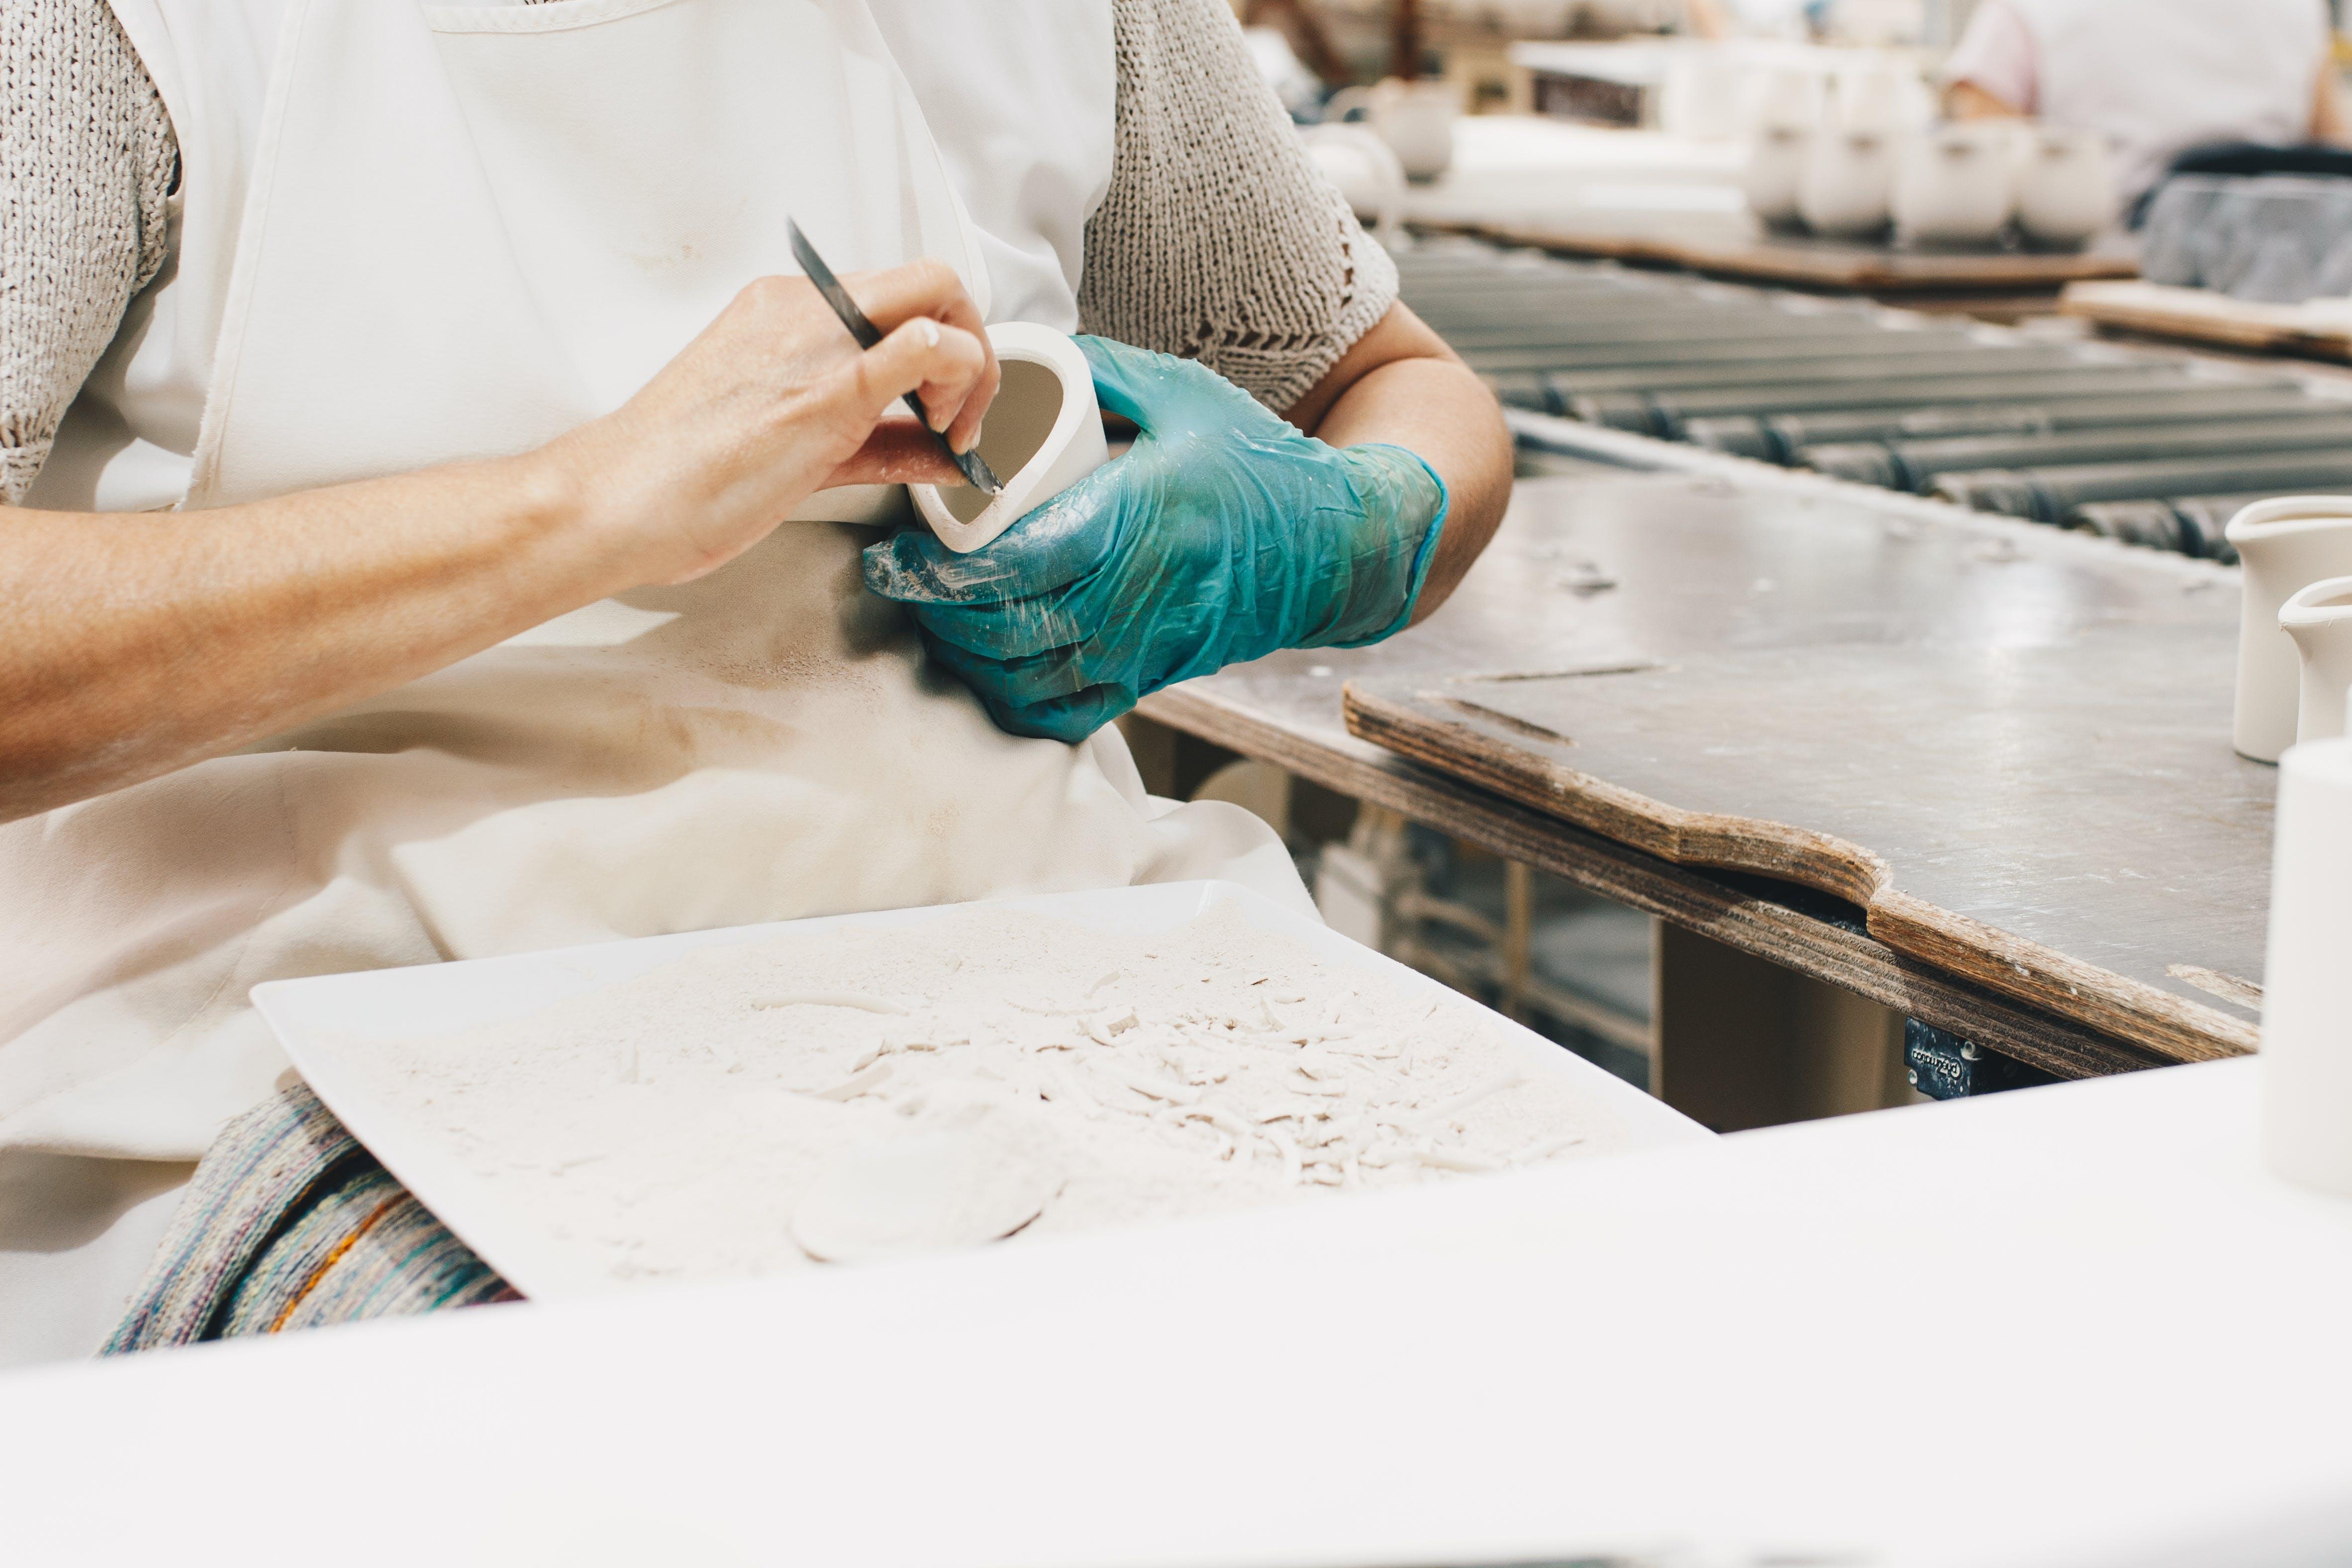 Gratis stockfoto met beeldhouwen, creatief, creatief proces, handen